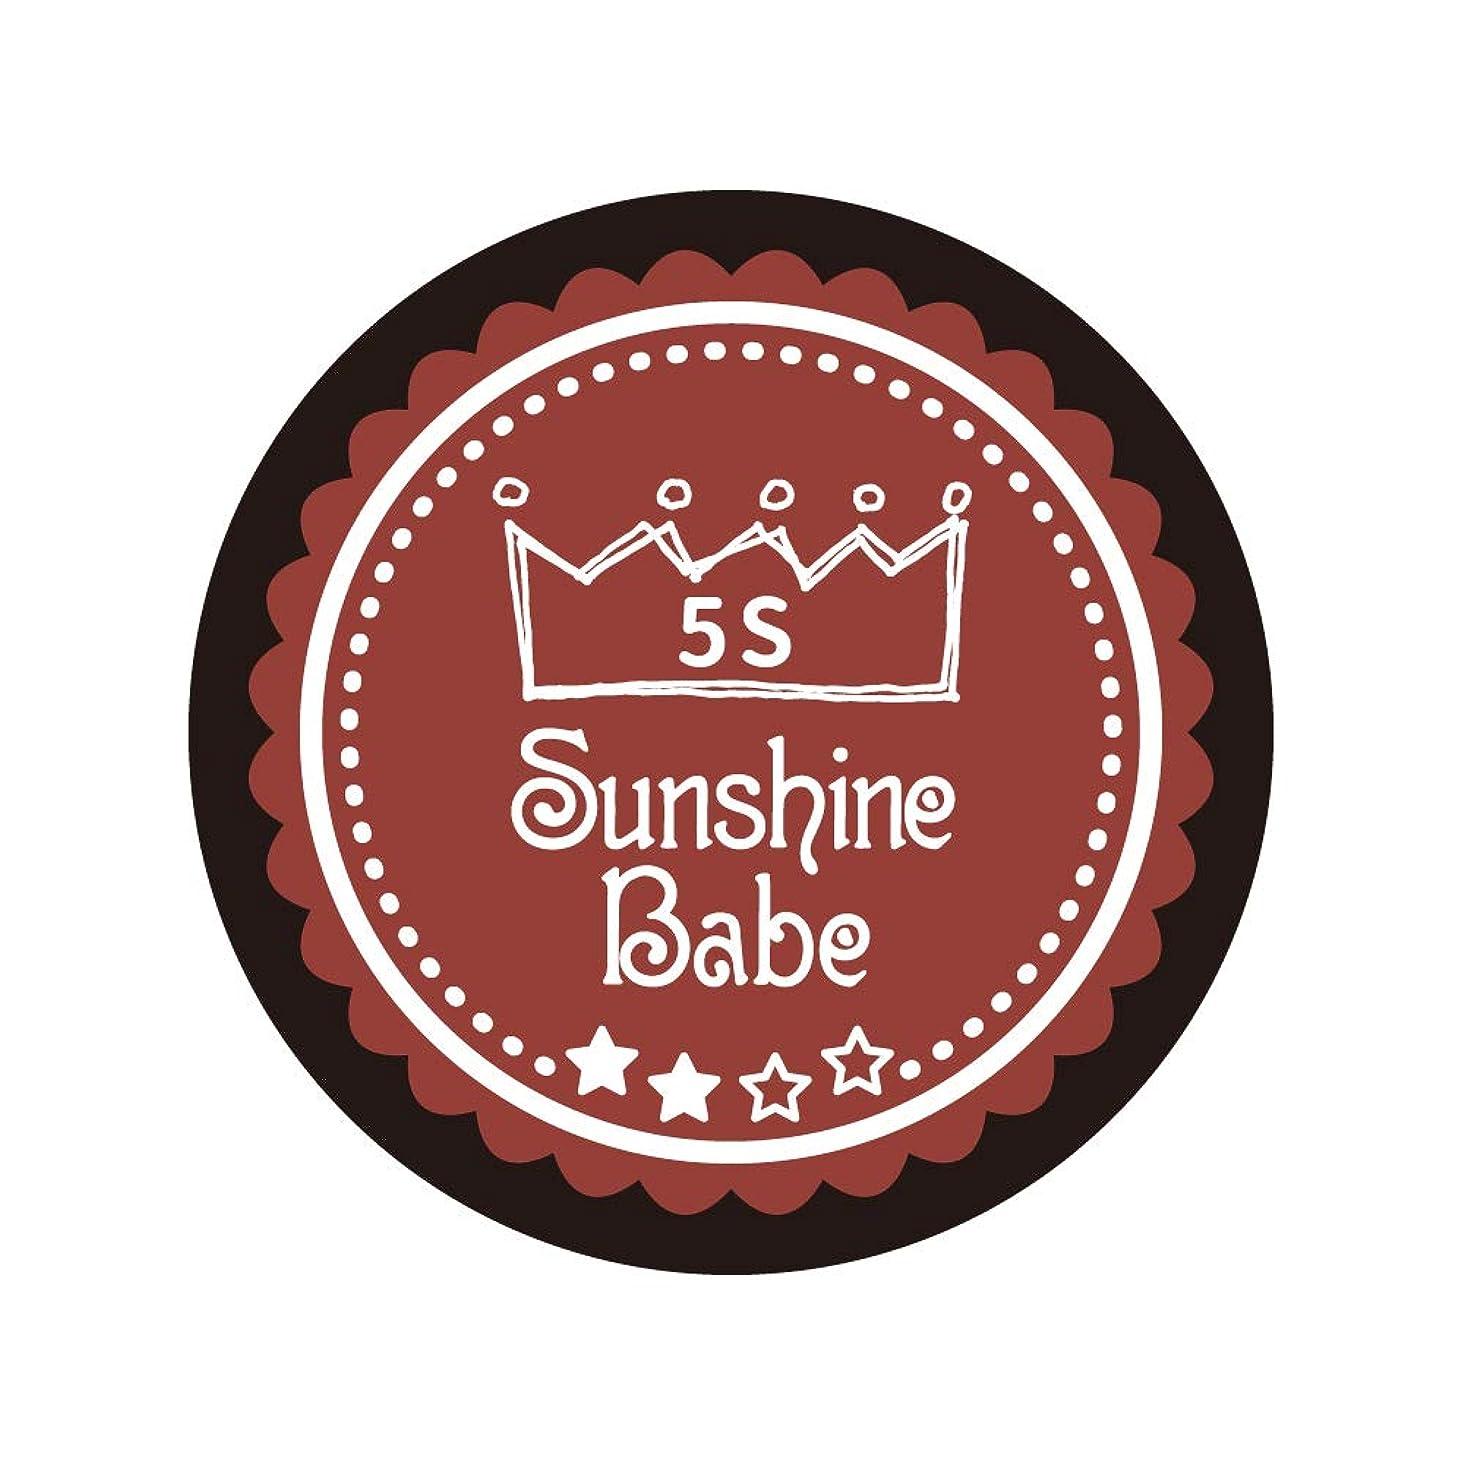 ためらう取り出す症状Sunshine Babe コスメティックカラー 5S チリオイル 4g UV/LED対応